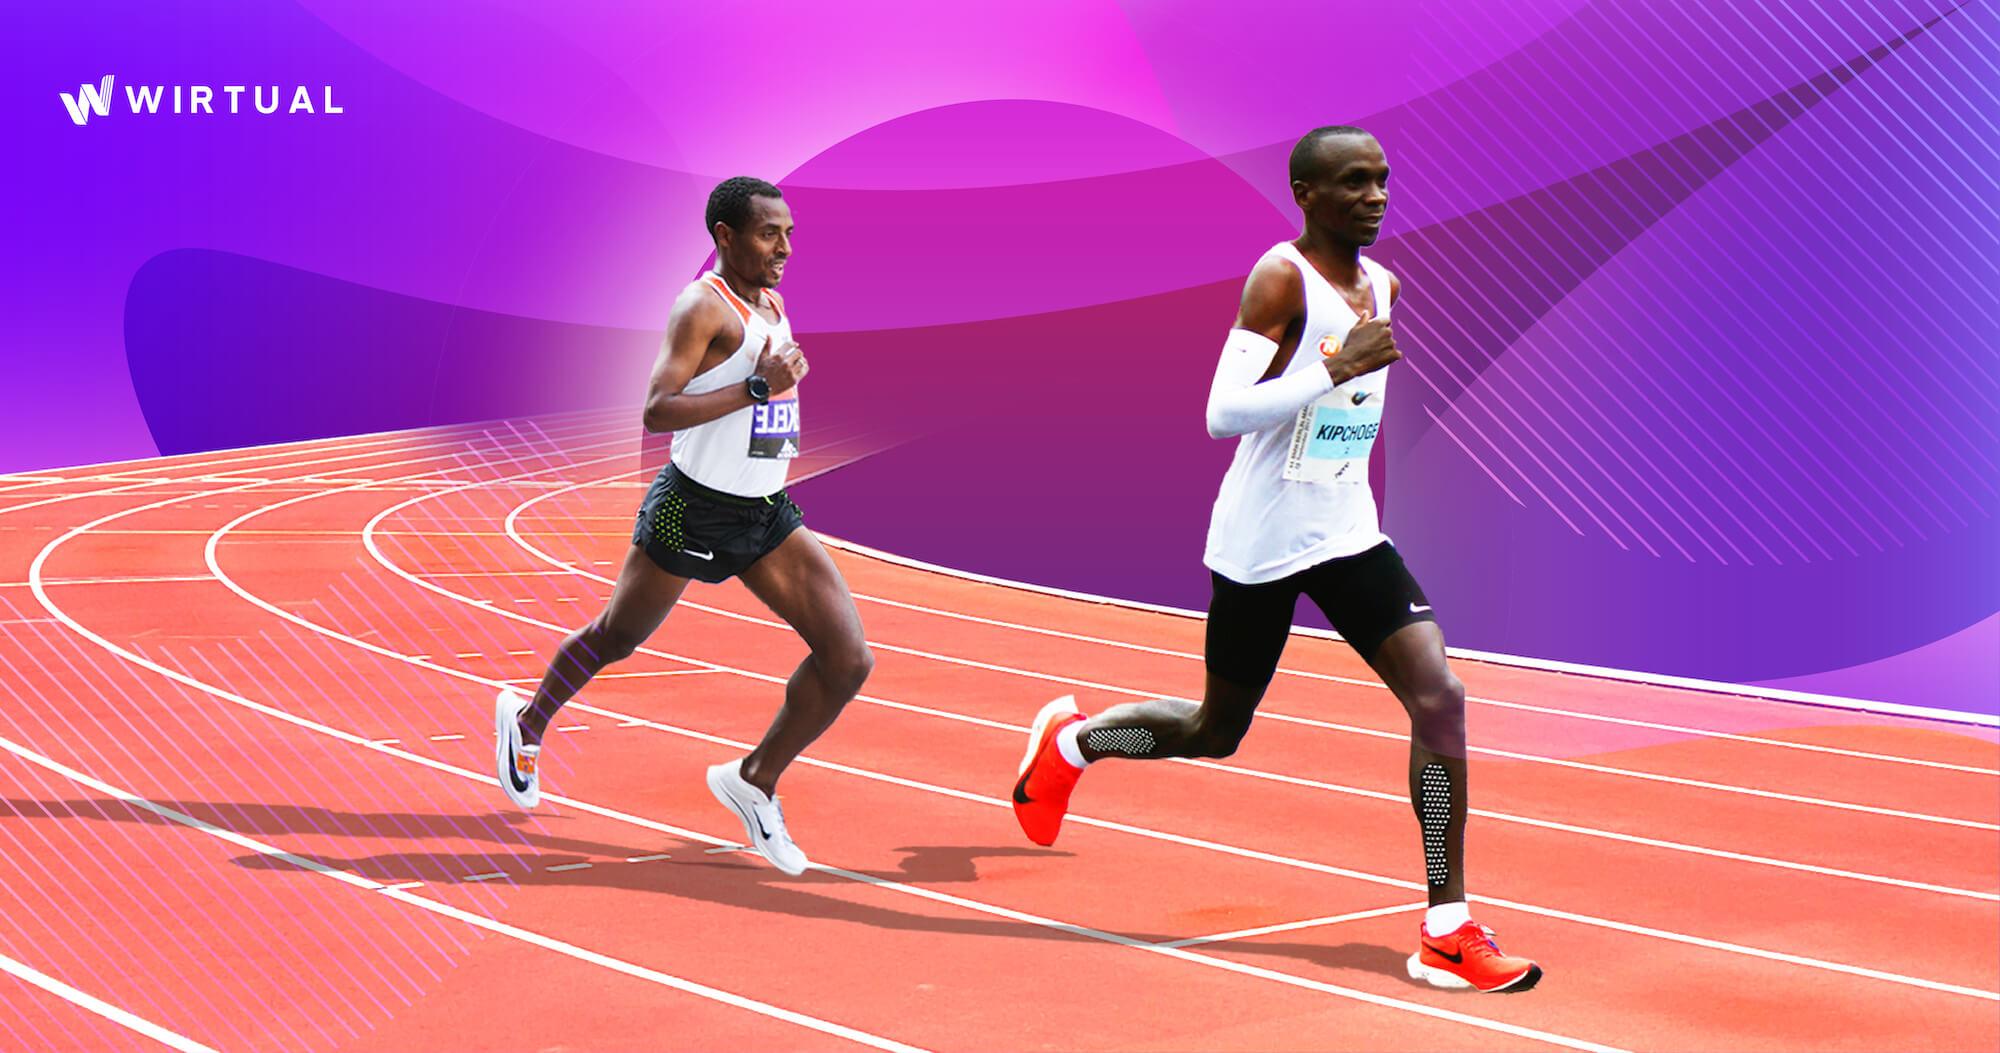 สถิติการวิ่งมาราธอนล่าสุดของ Kipchoge , Bekele ยอดนักวิ่งที่ดีที่สุด